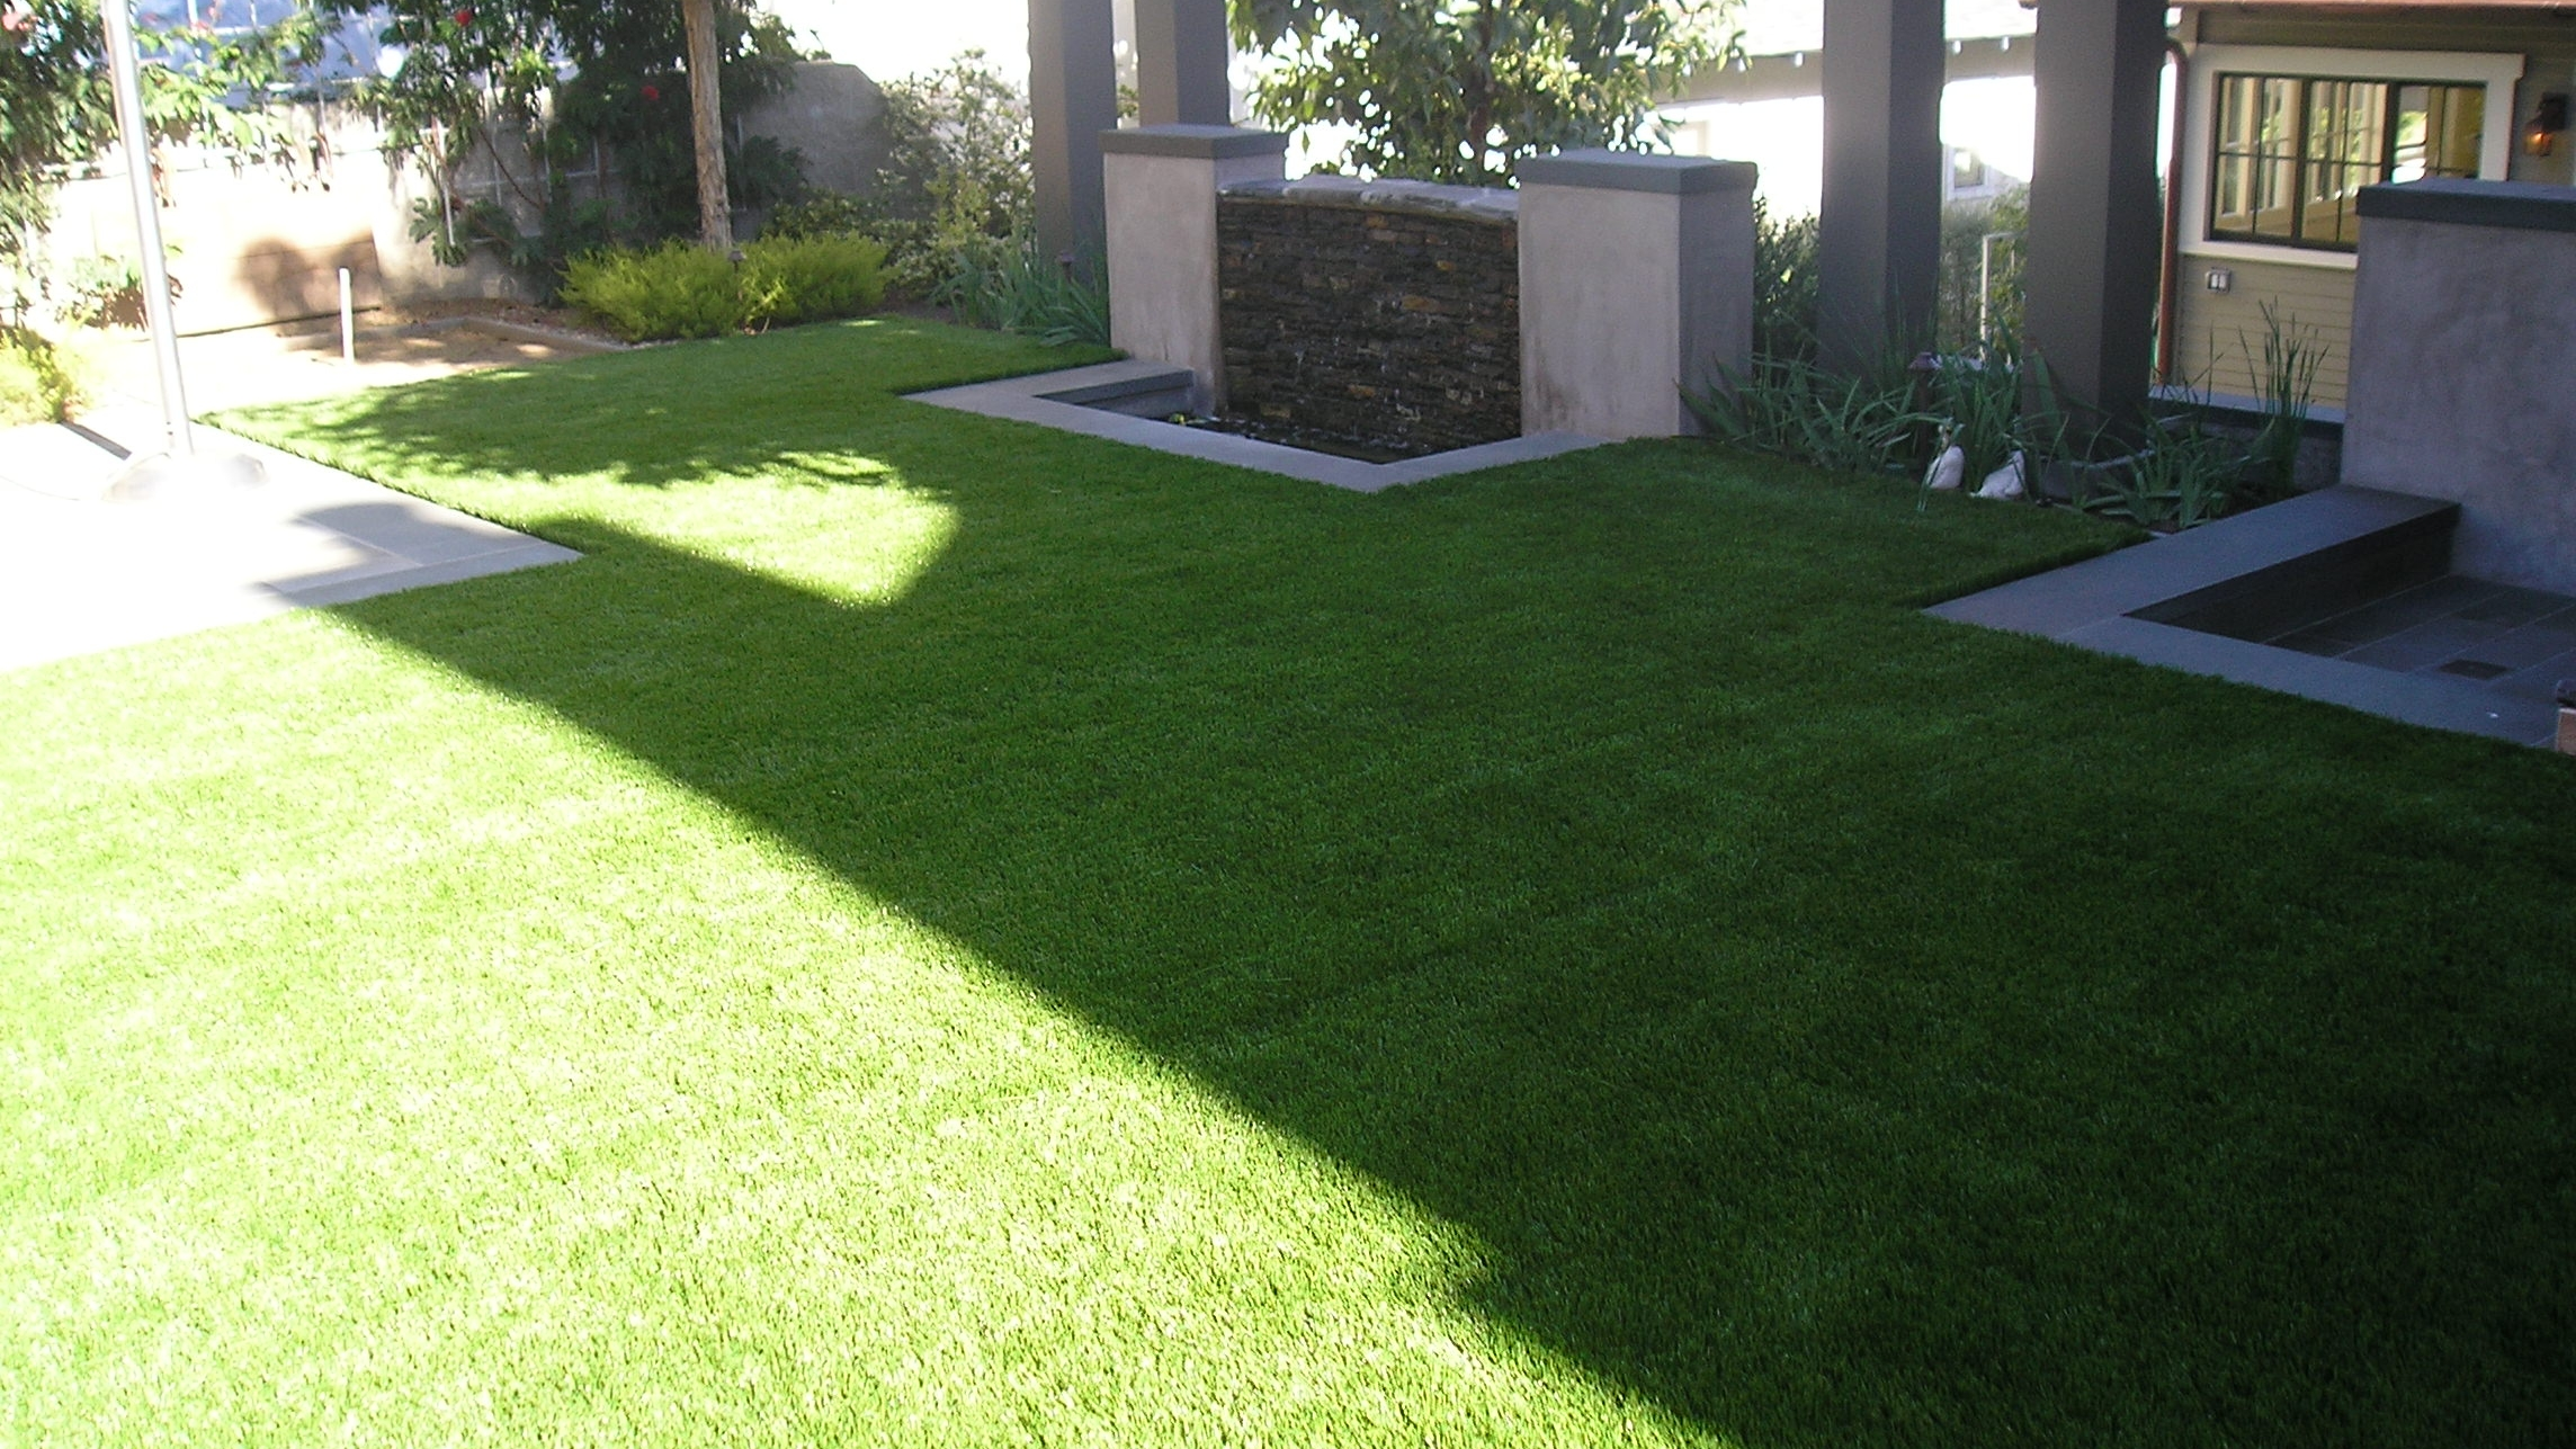 Super Natural 60 high quality artificial grass,artificial grass,fake grass,synthetic grass,grass carpet,artificial grass rug,high quality artificial grass